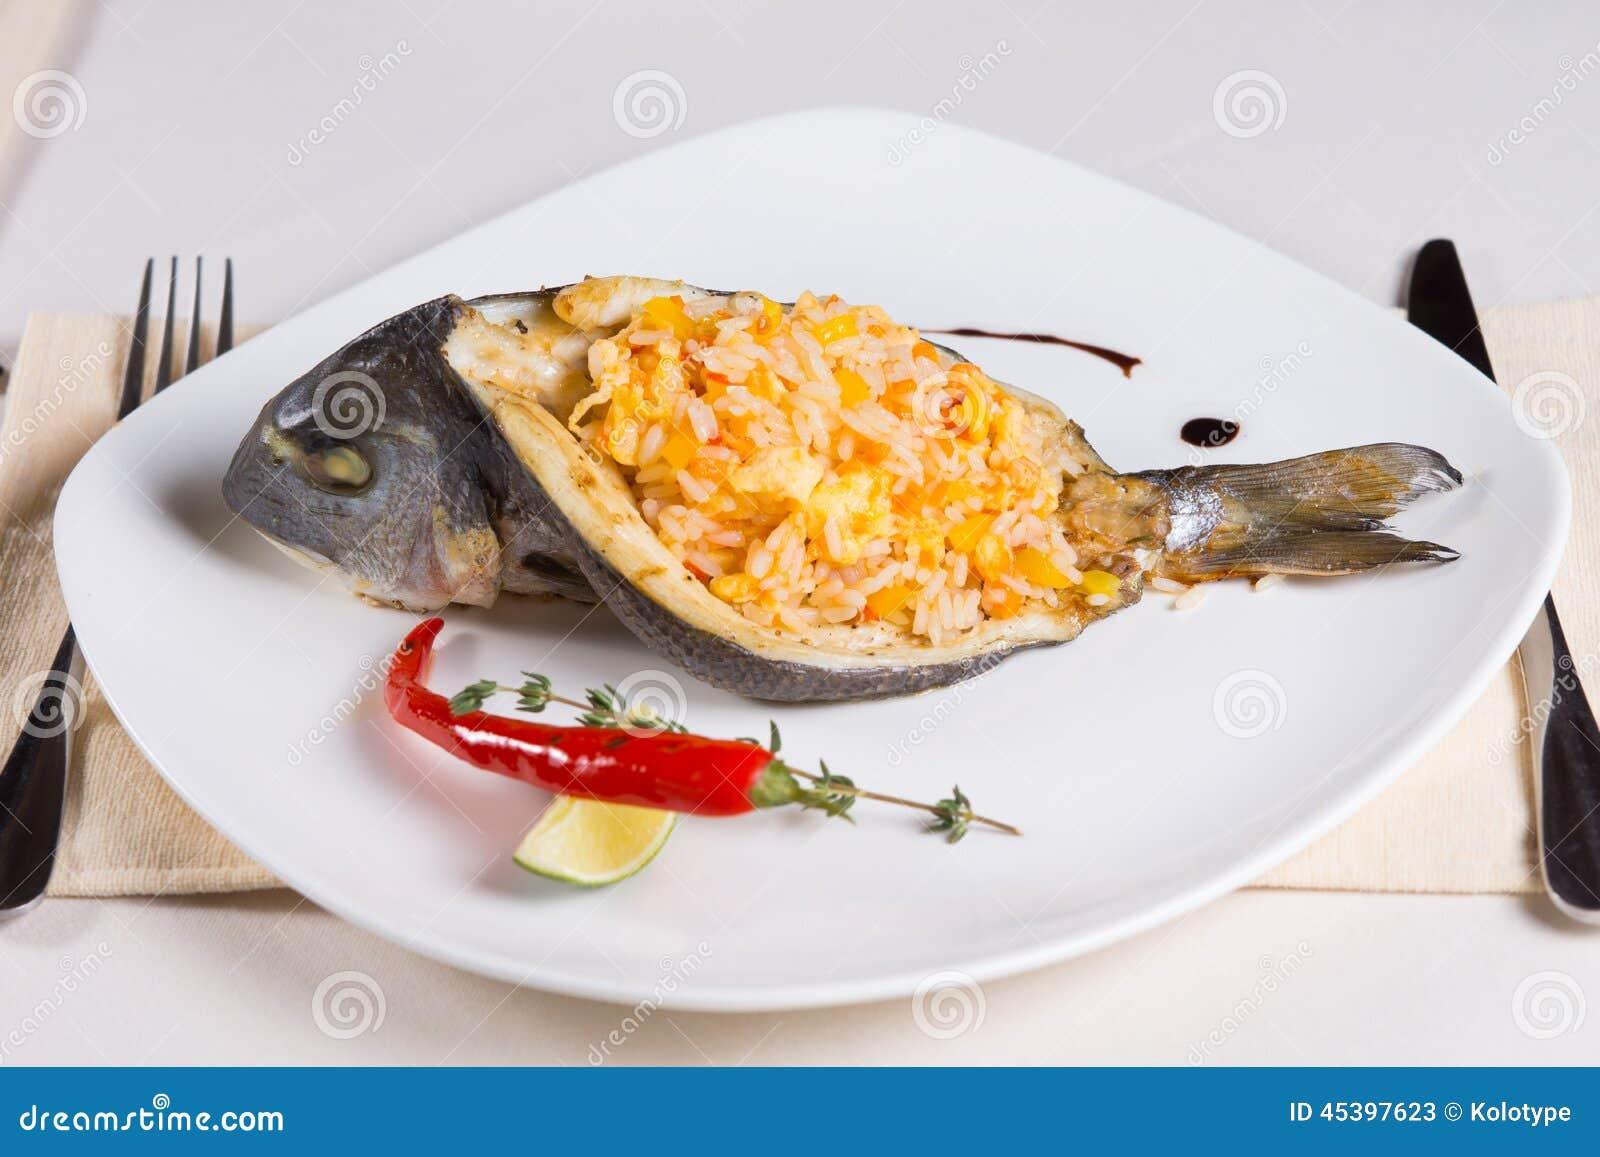 Rice Stuffed Fish Dish On Plate Stock Photo Image 45397623